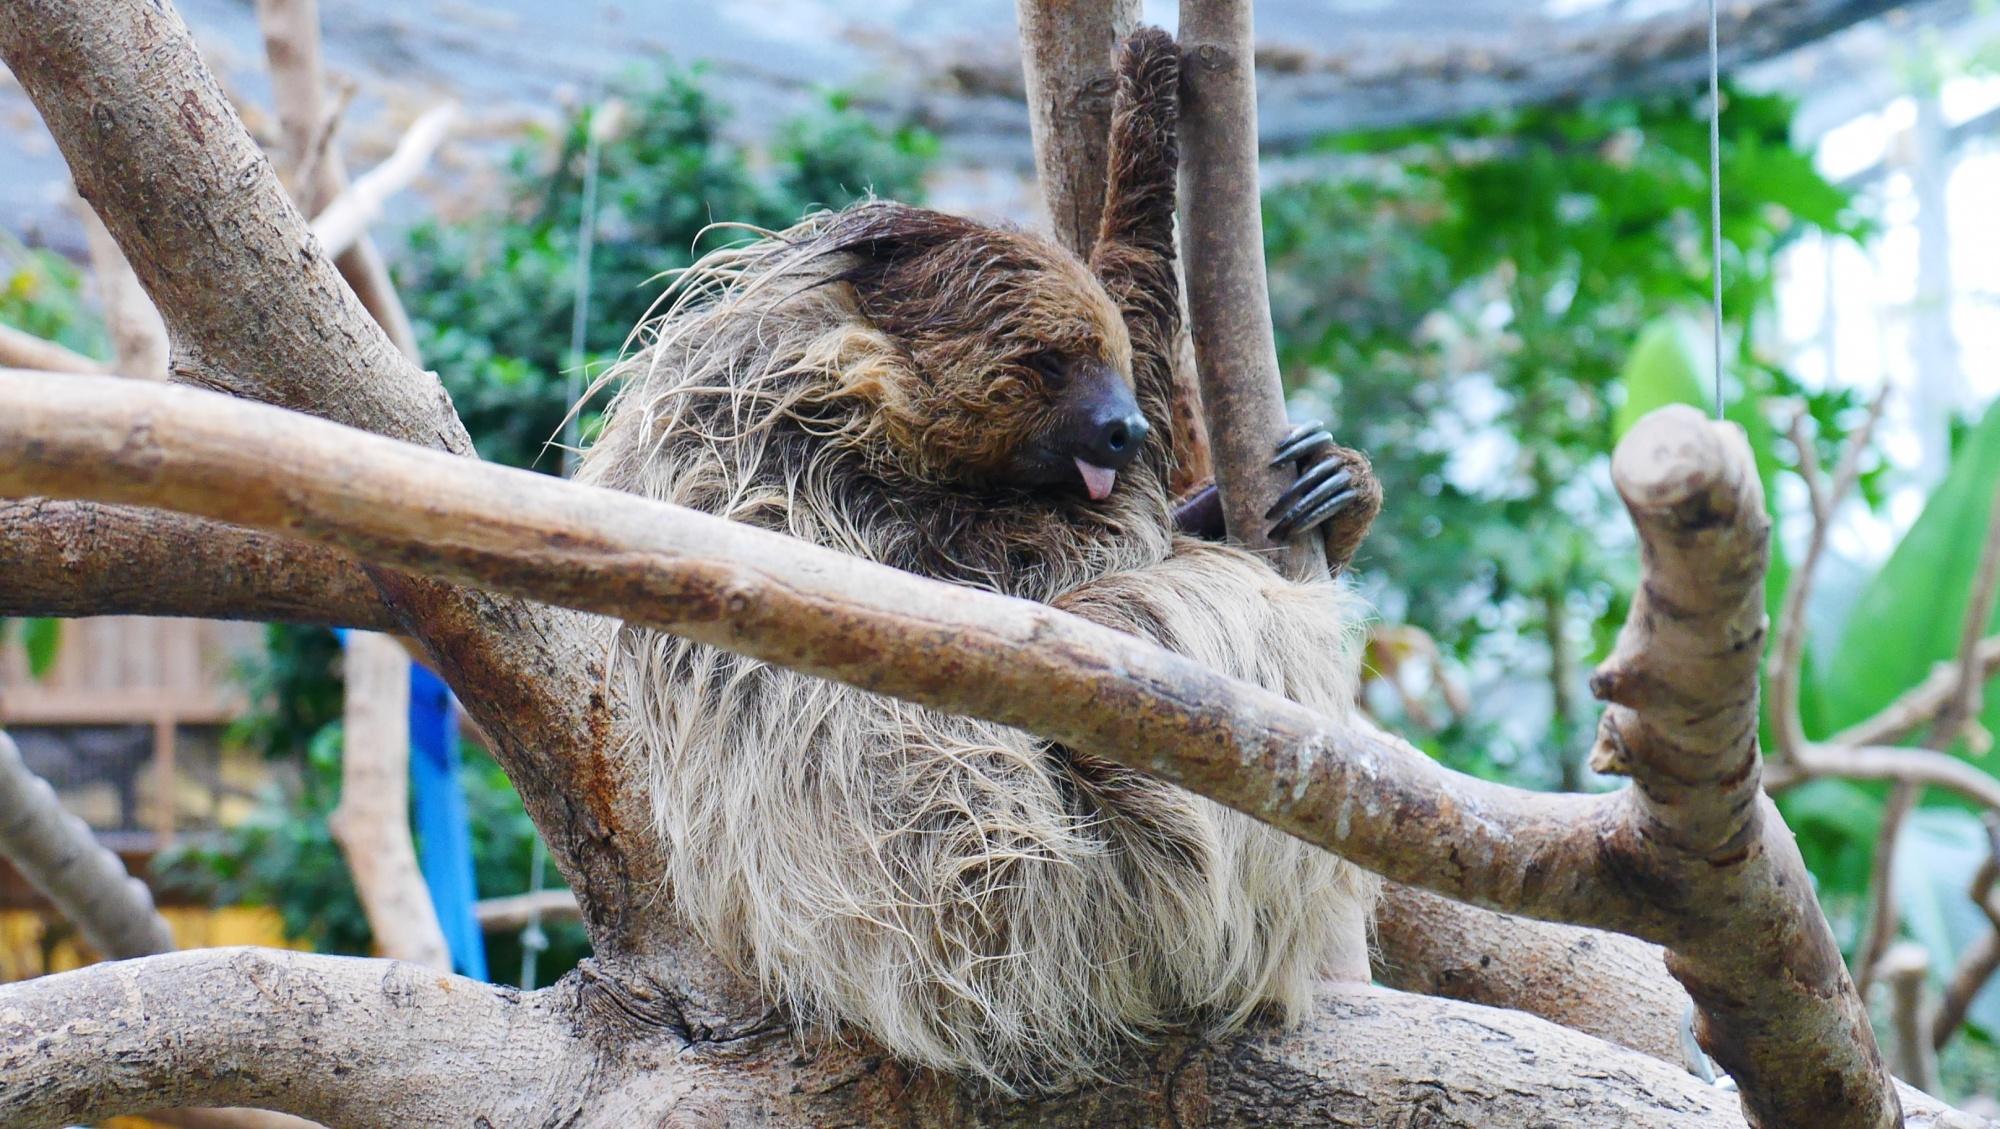 フタユビナマケモノ(Two-toed Sloth)